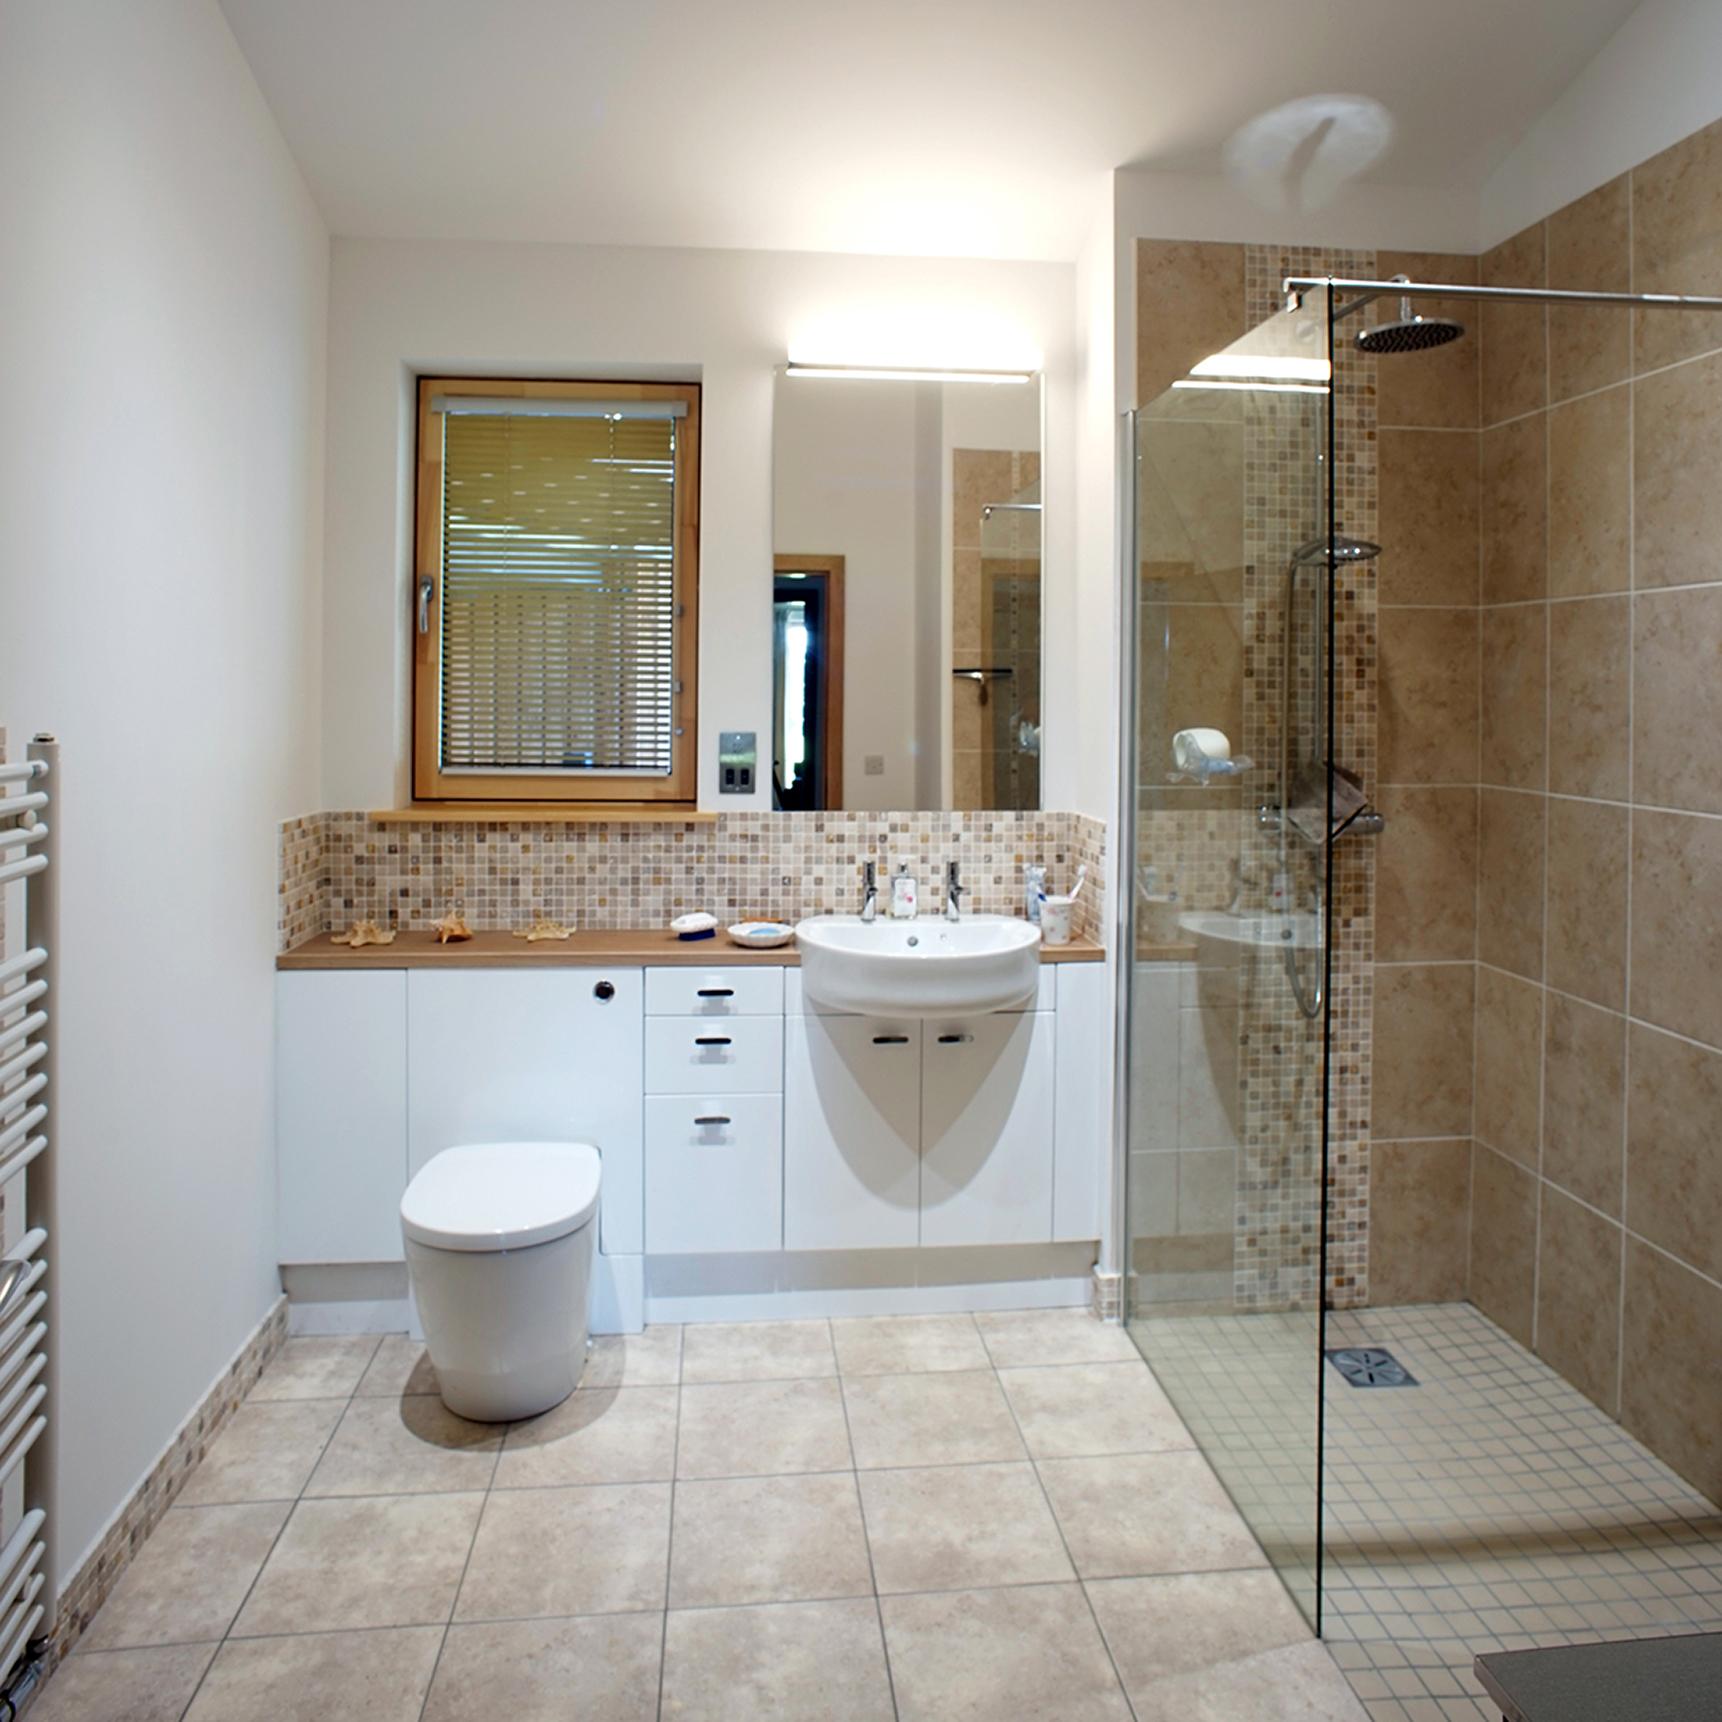 04 Shower room.JPG